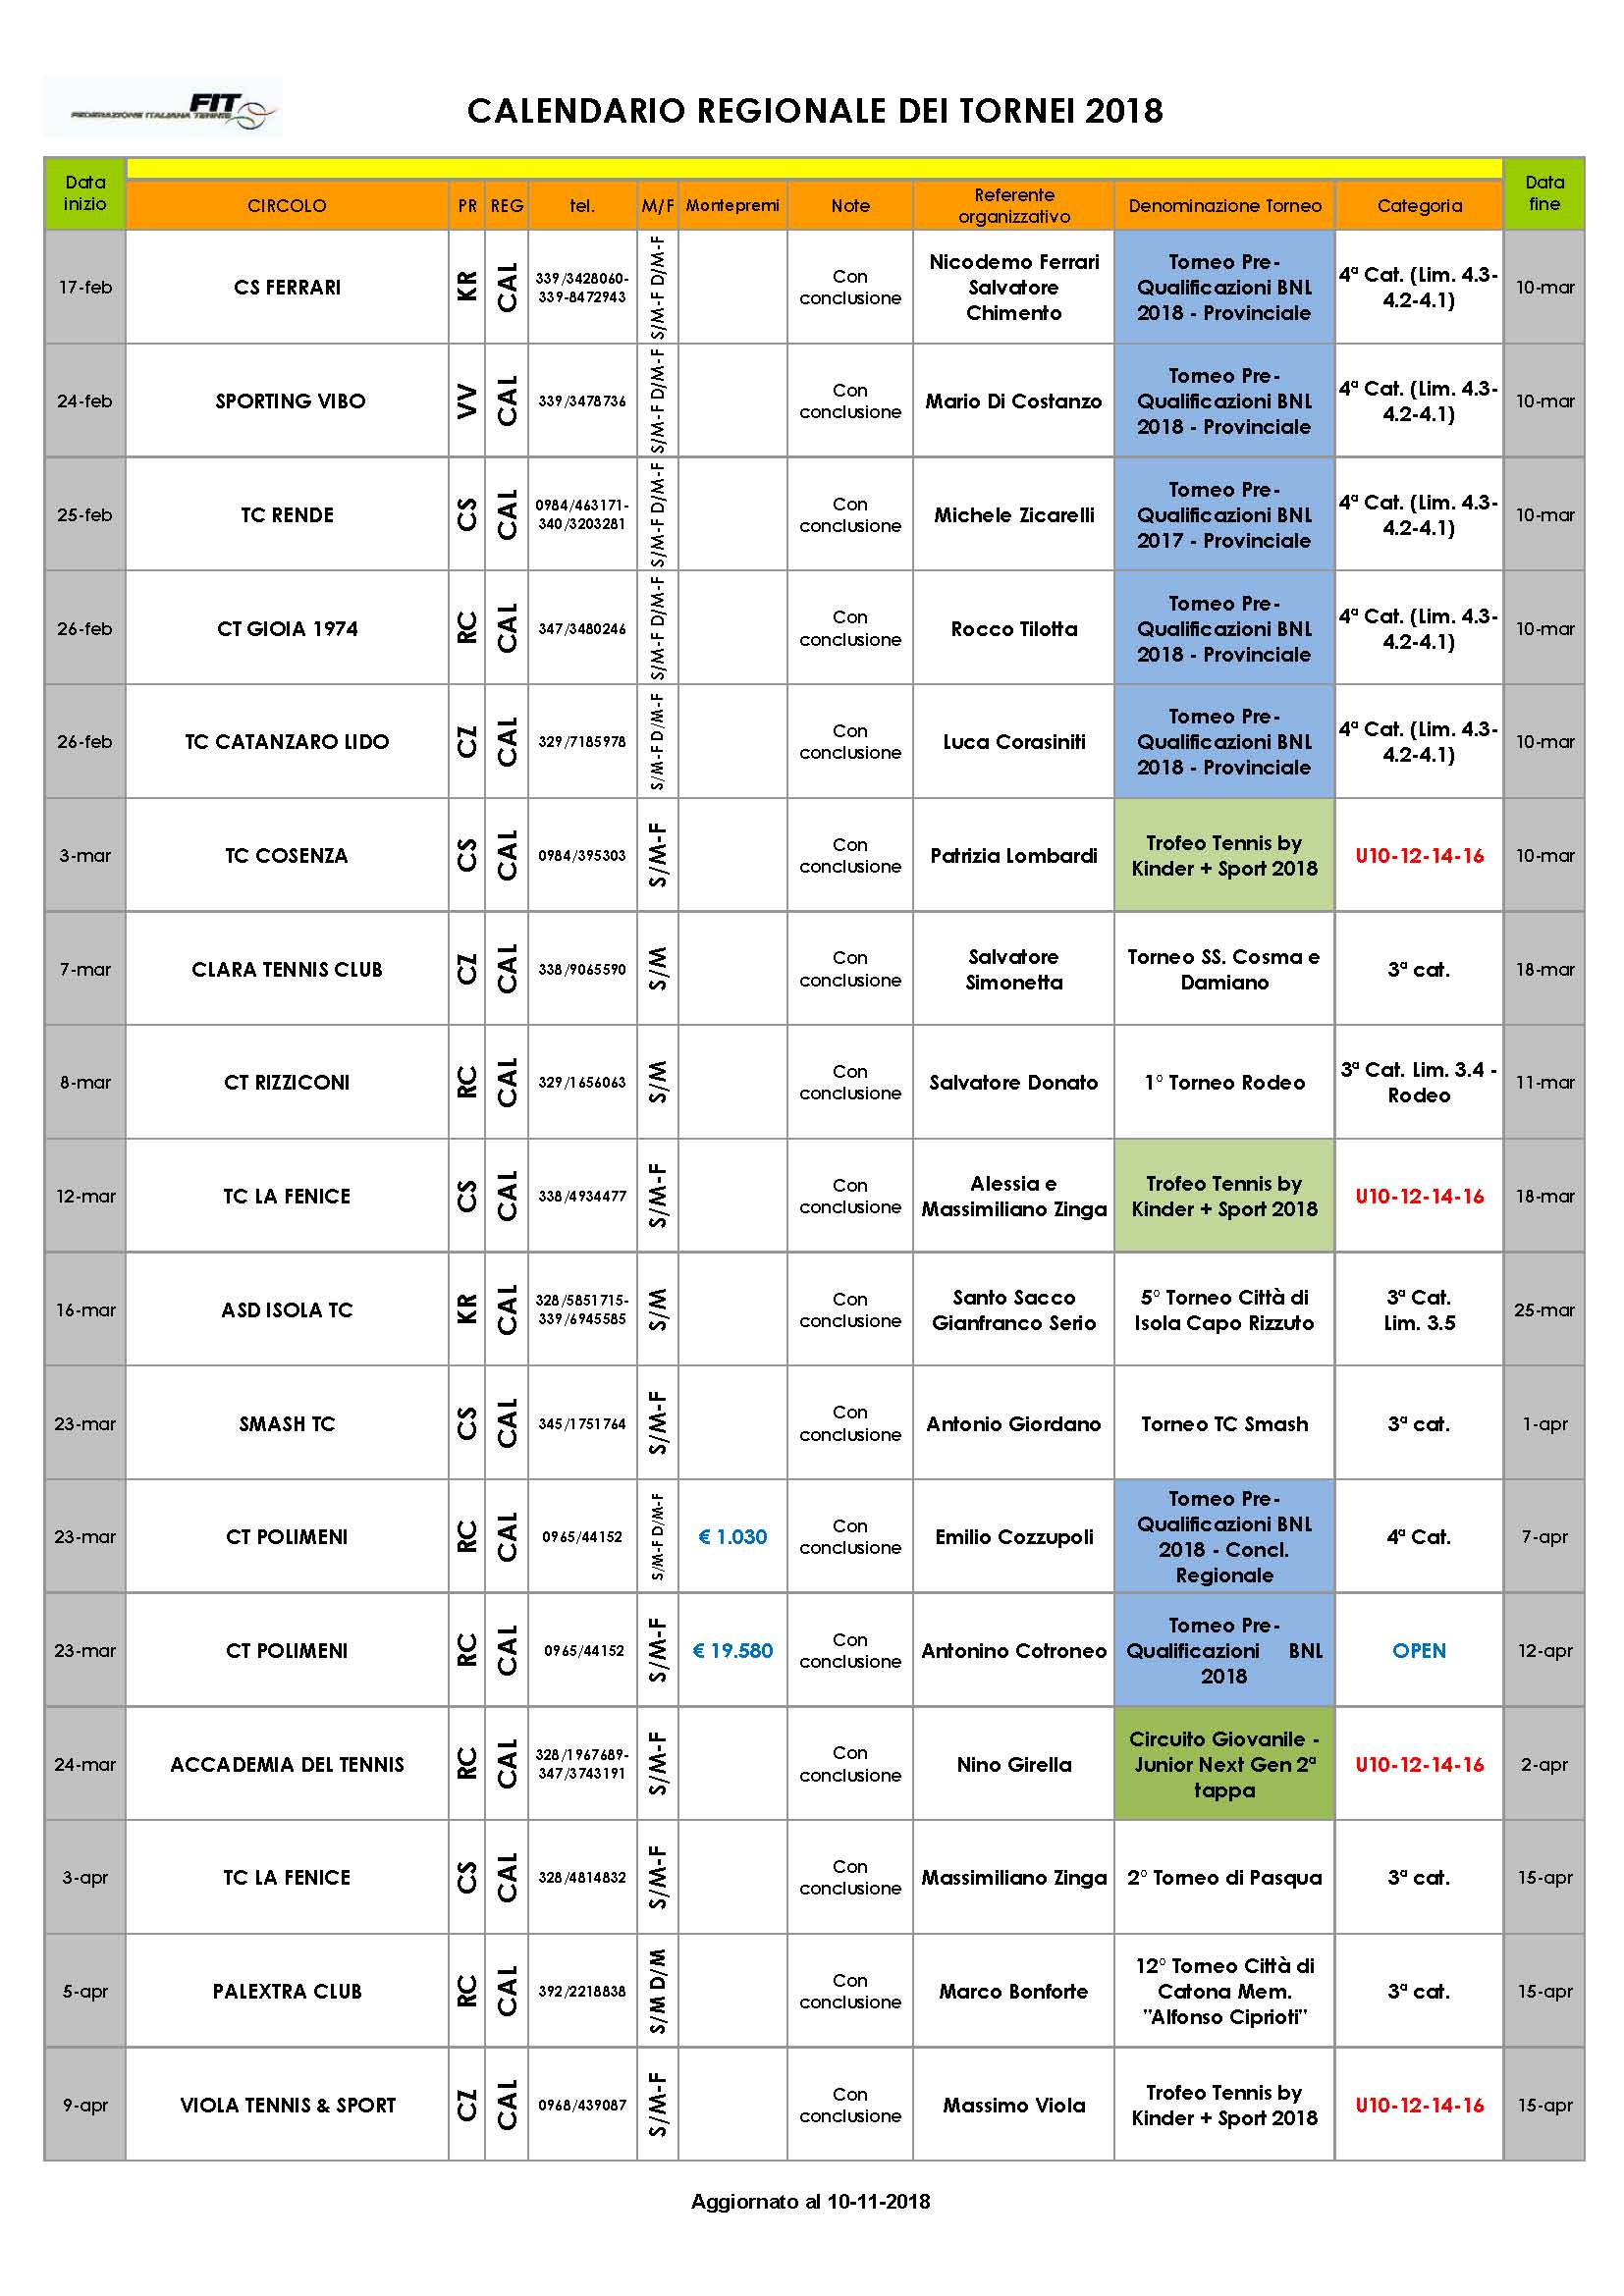 Infotennis Calendario Tornei.Infotennis Calendario Tornei Calendario 2020